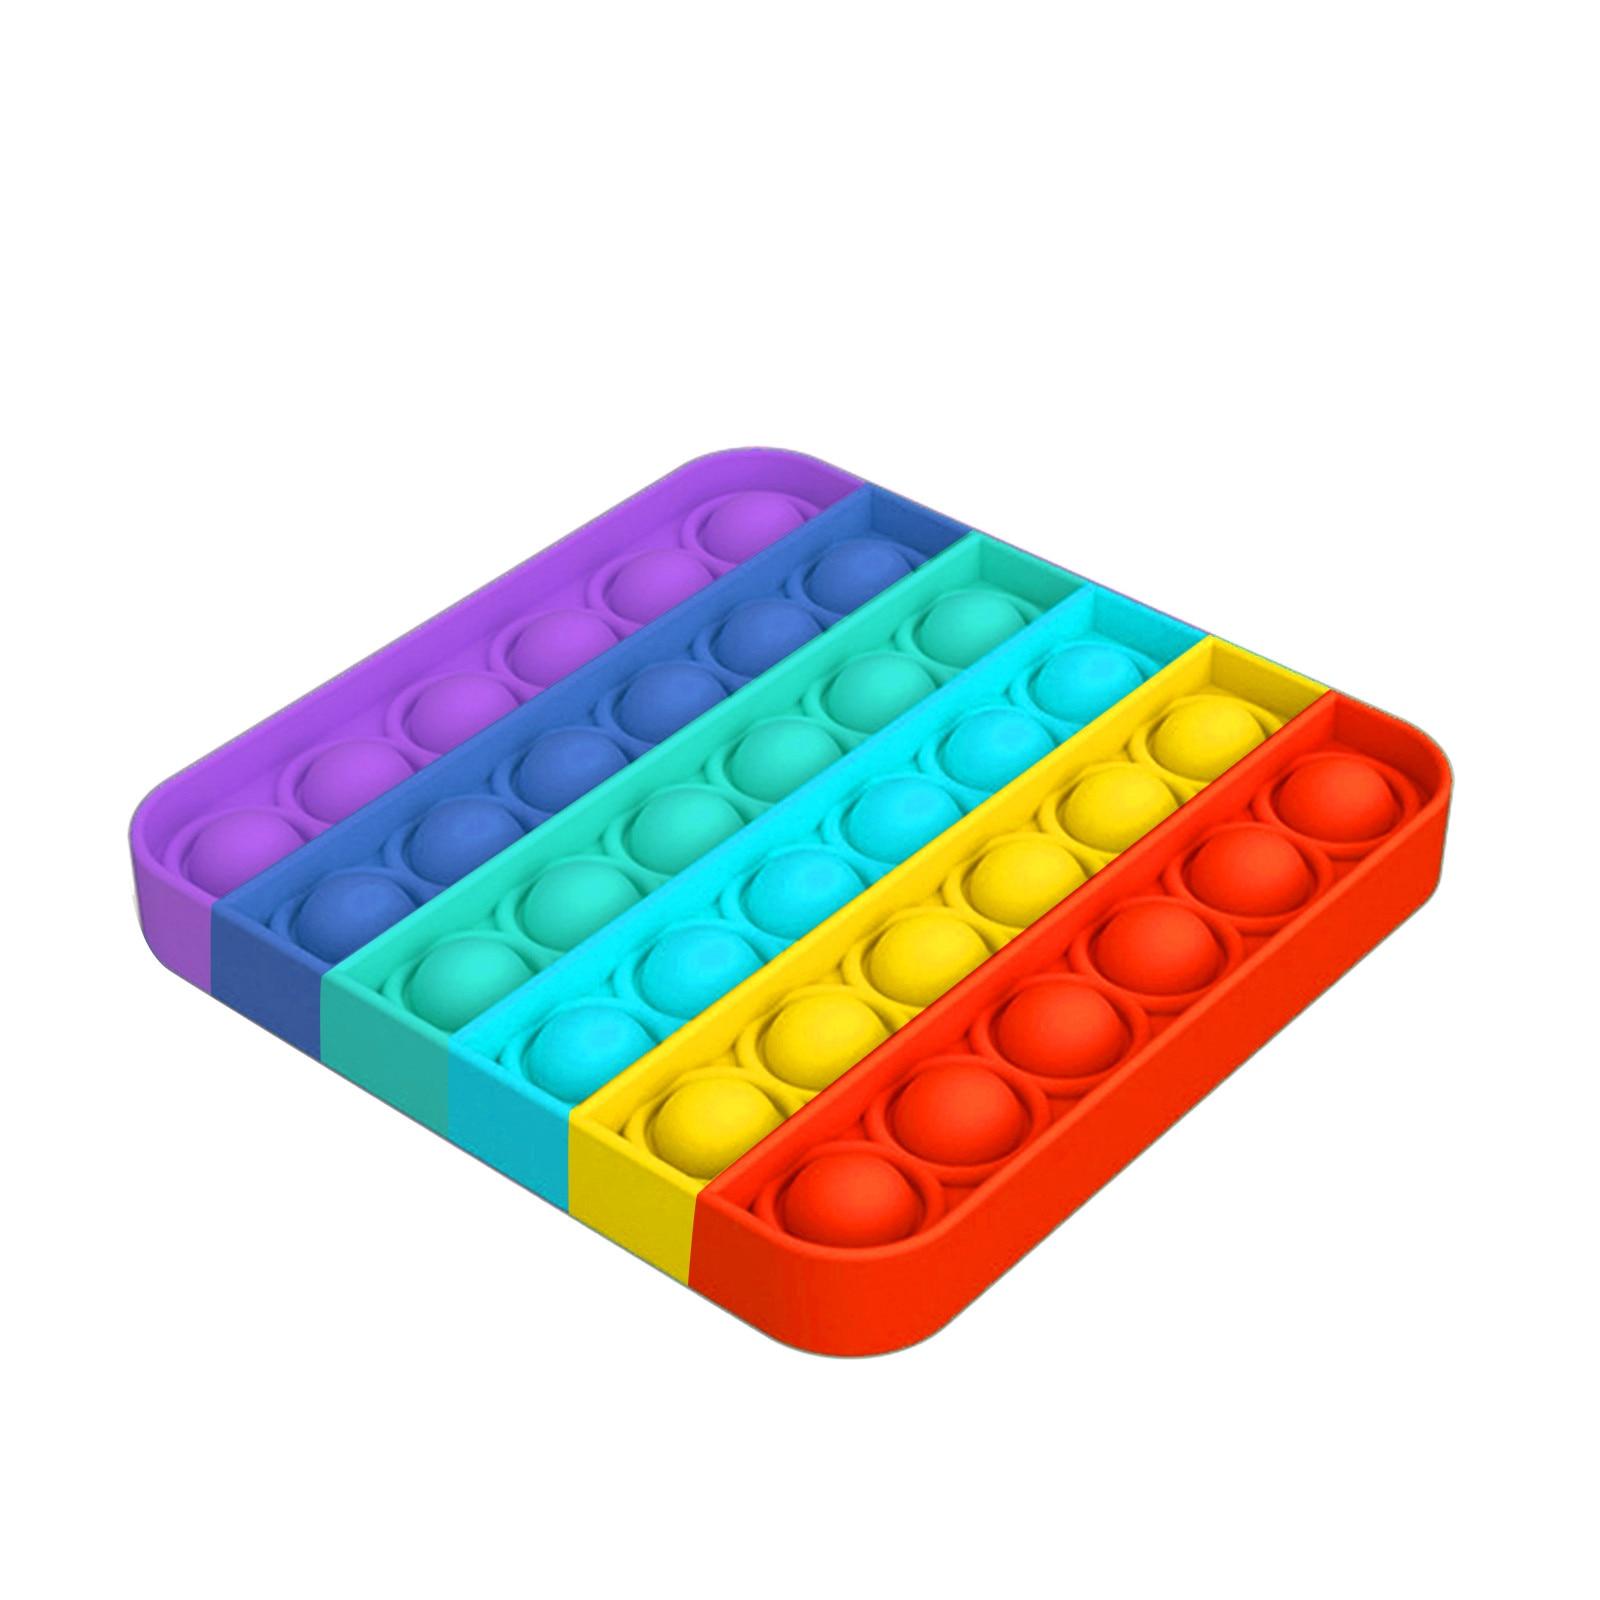 Lustige Zappeln Spielzeug Einfache Dimple Poppit Spielzeug Blase Pop Sensorischen Spielzeug Für Erwachsene Kinder Stressabbau Autismus Geschenk антистресс шары